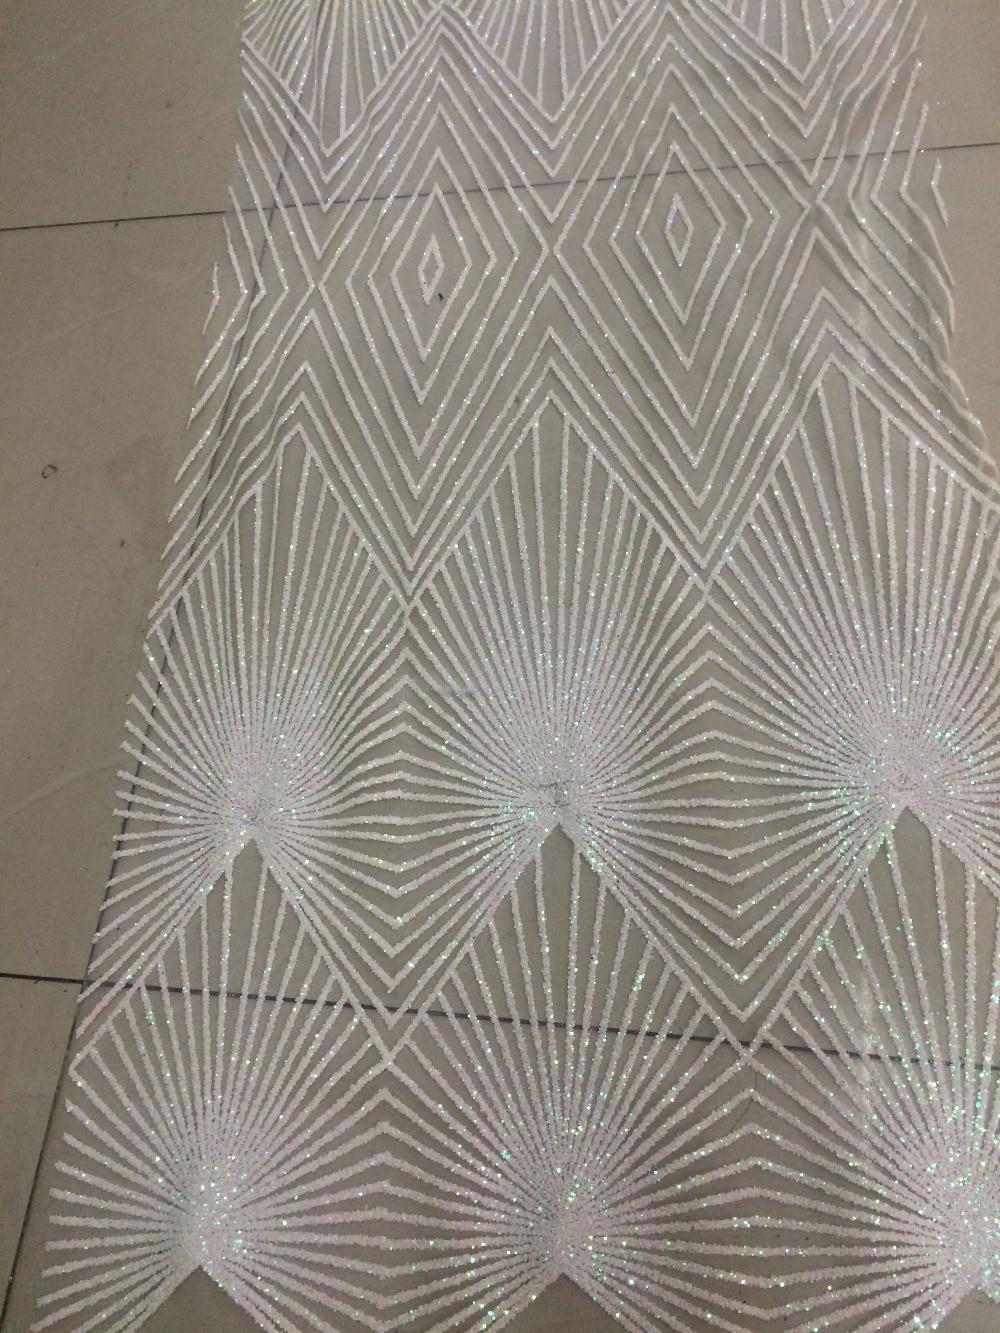 Afrikaanse netto kant voor vrouwen jurk Nieuwe Collectie LJY 62437 afrikaanse Tule kant stof met glitter-in Kant van Huis & Tuin op  Groep 3